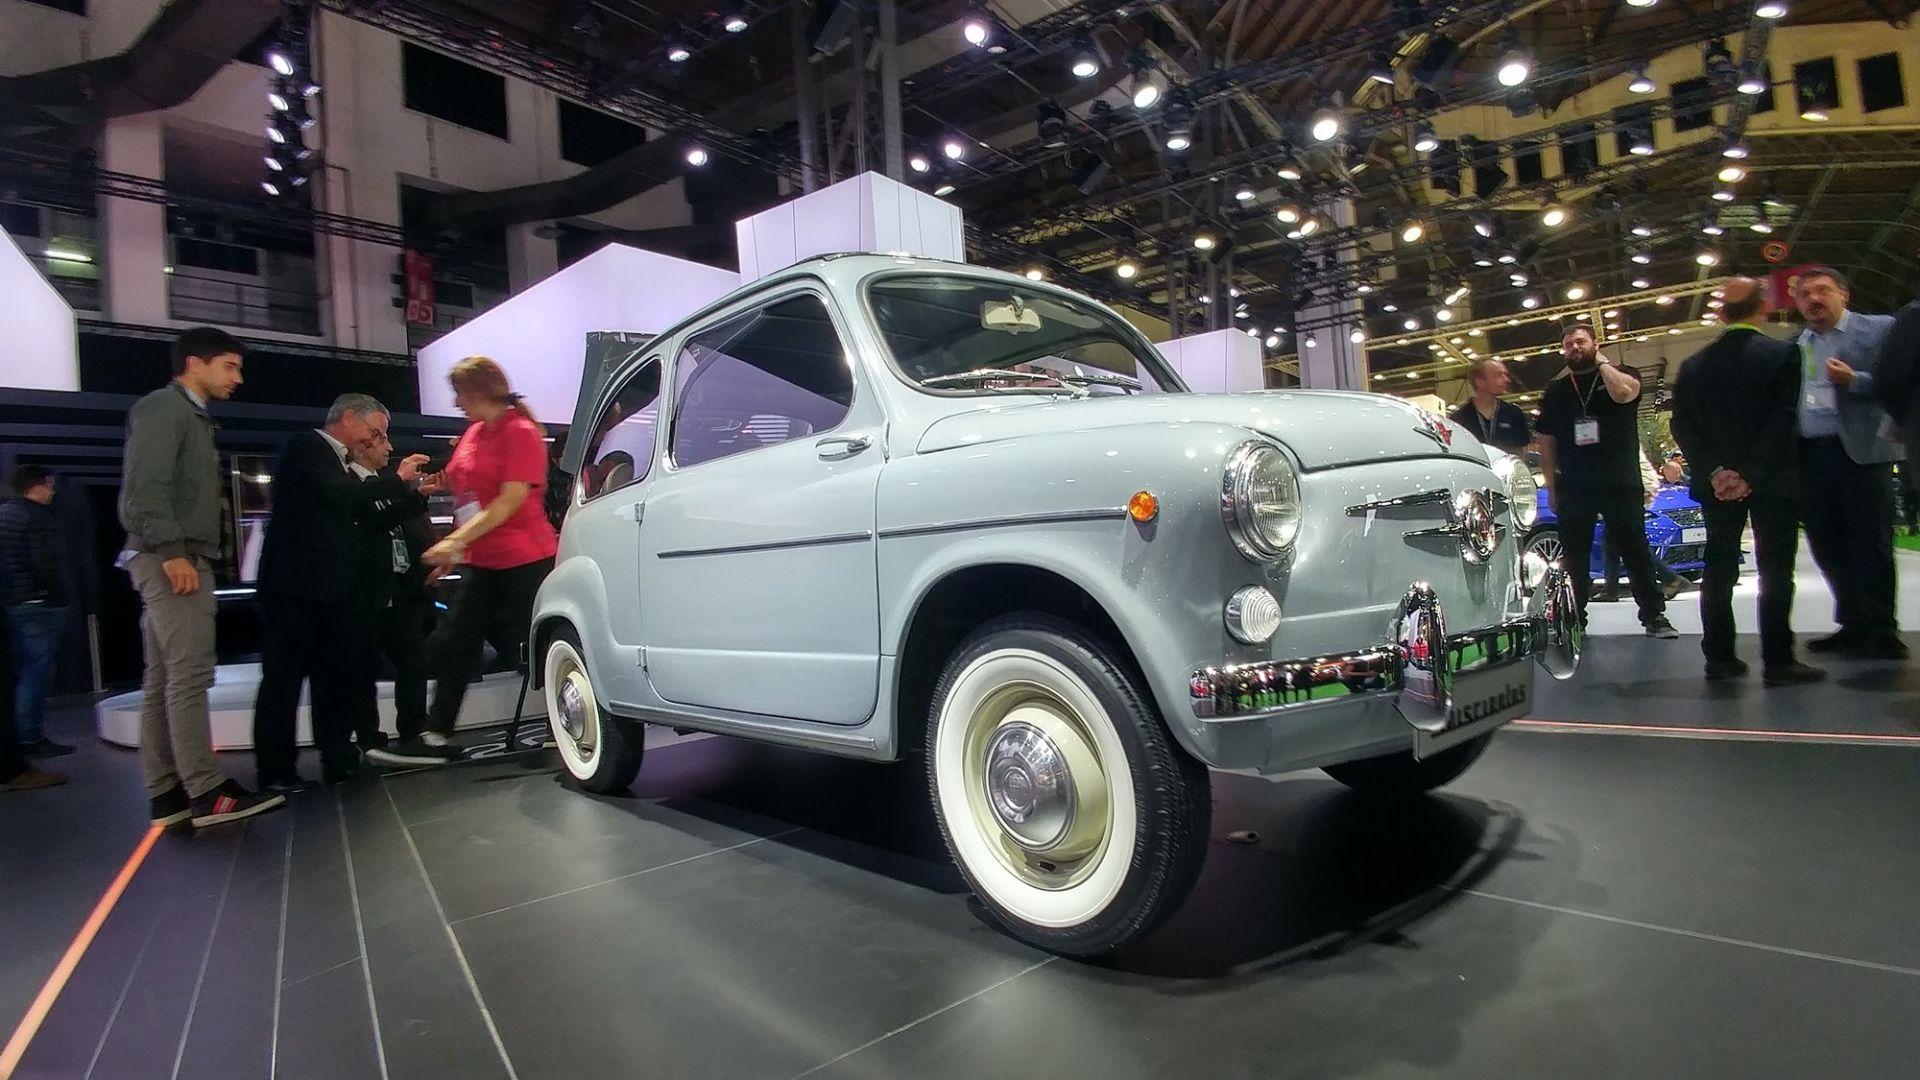 Vecchie auto con componenti moderne 568127-16x9-lg